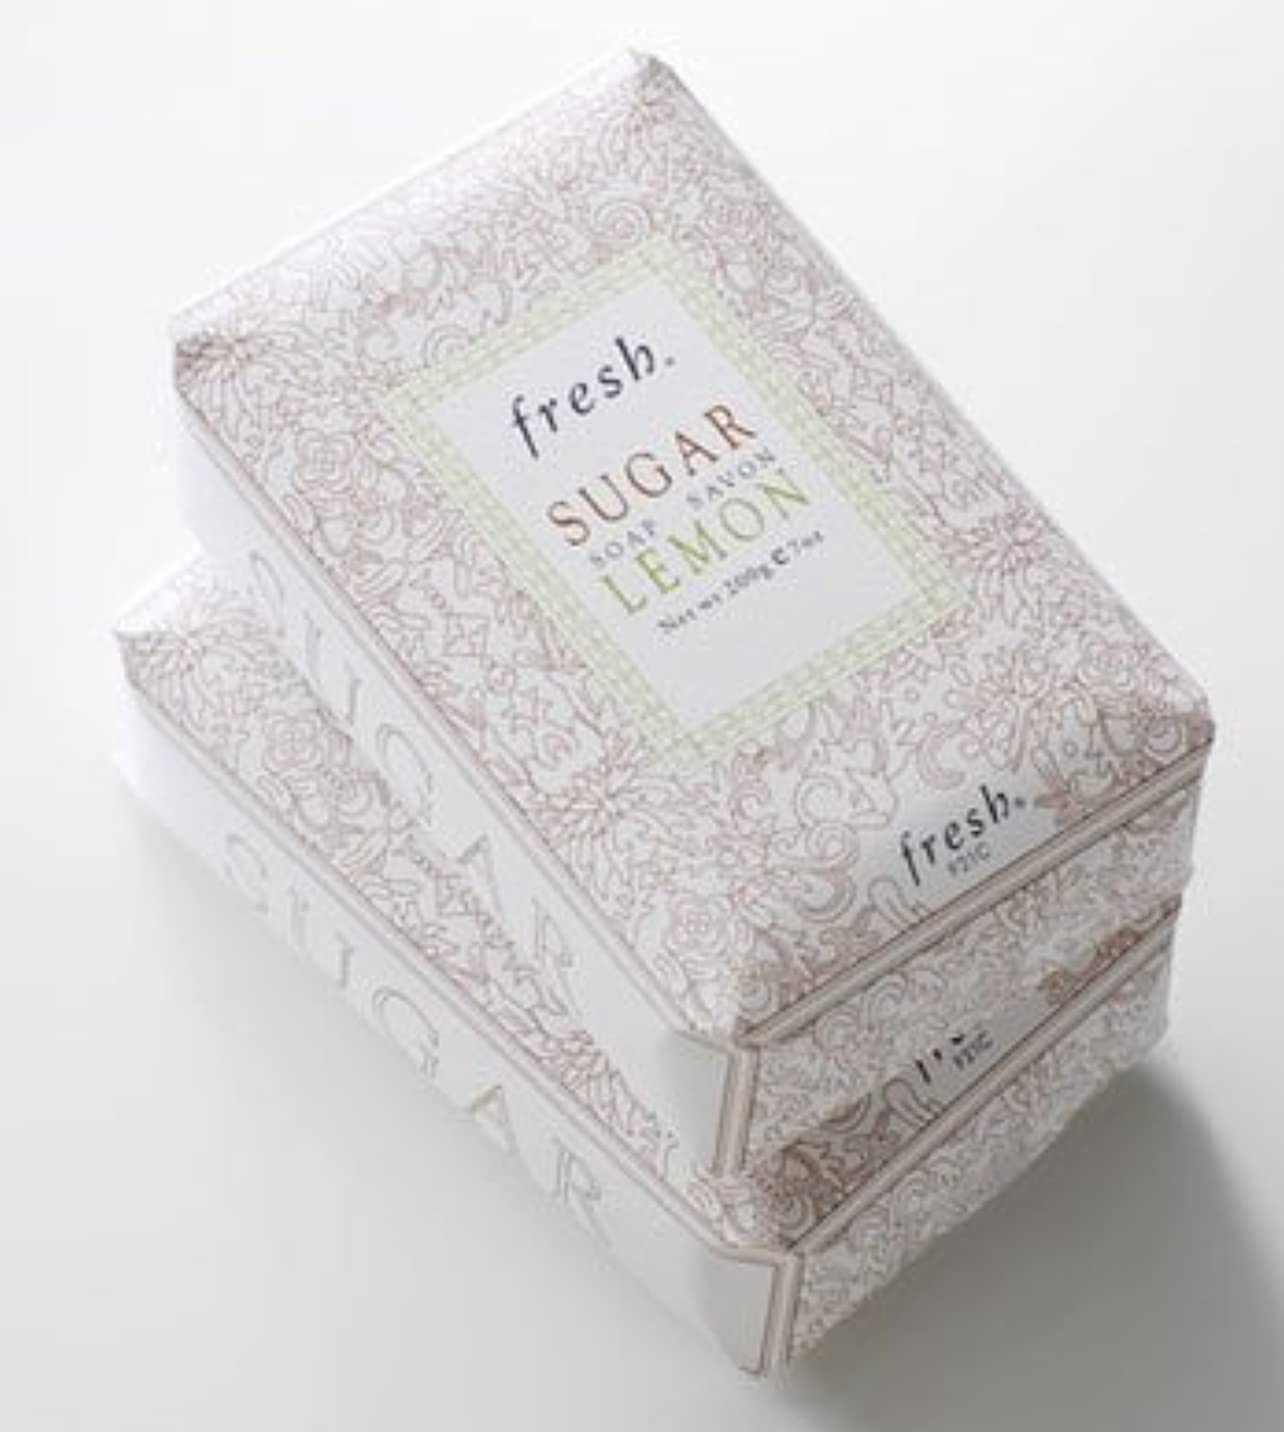 ブレーキリラックスしたいまFresh SUGAR LEMON SOAP(フレッシュ シュガーレモン ソープ) 7.0 oz (210g) by Fresh for Women